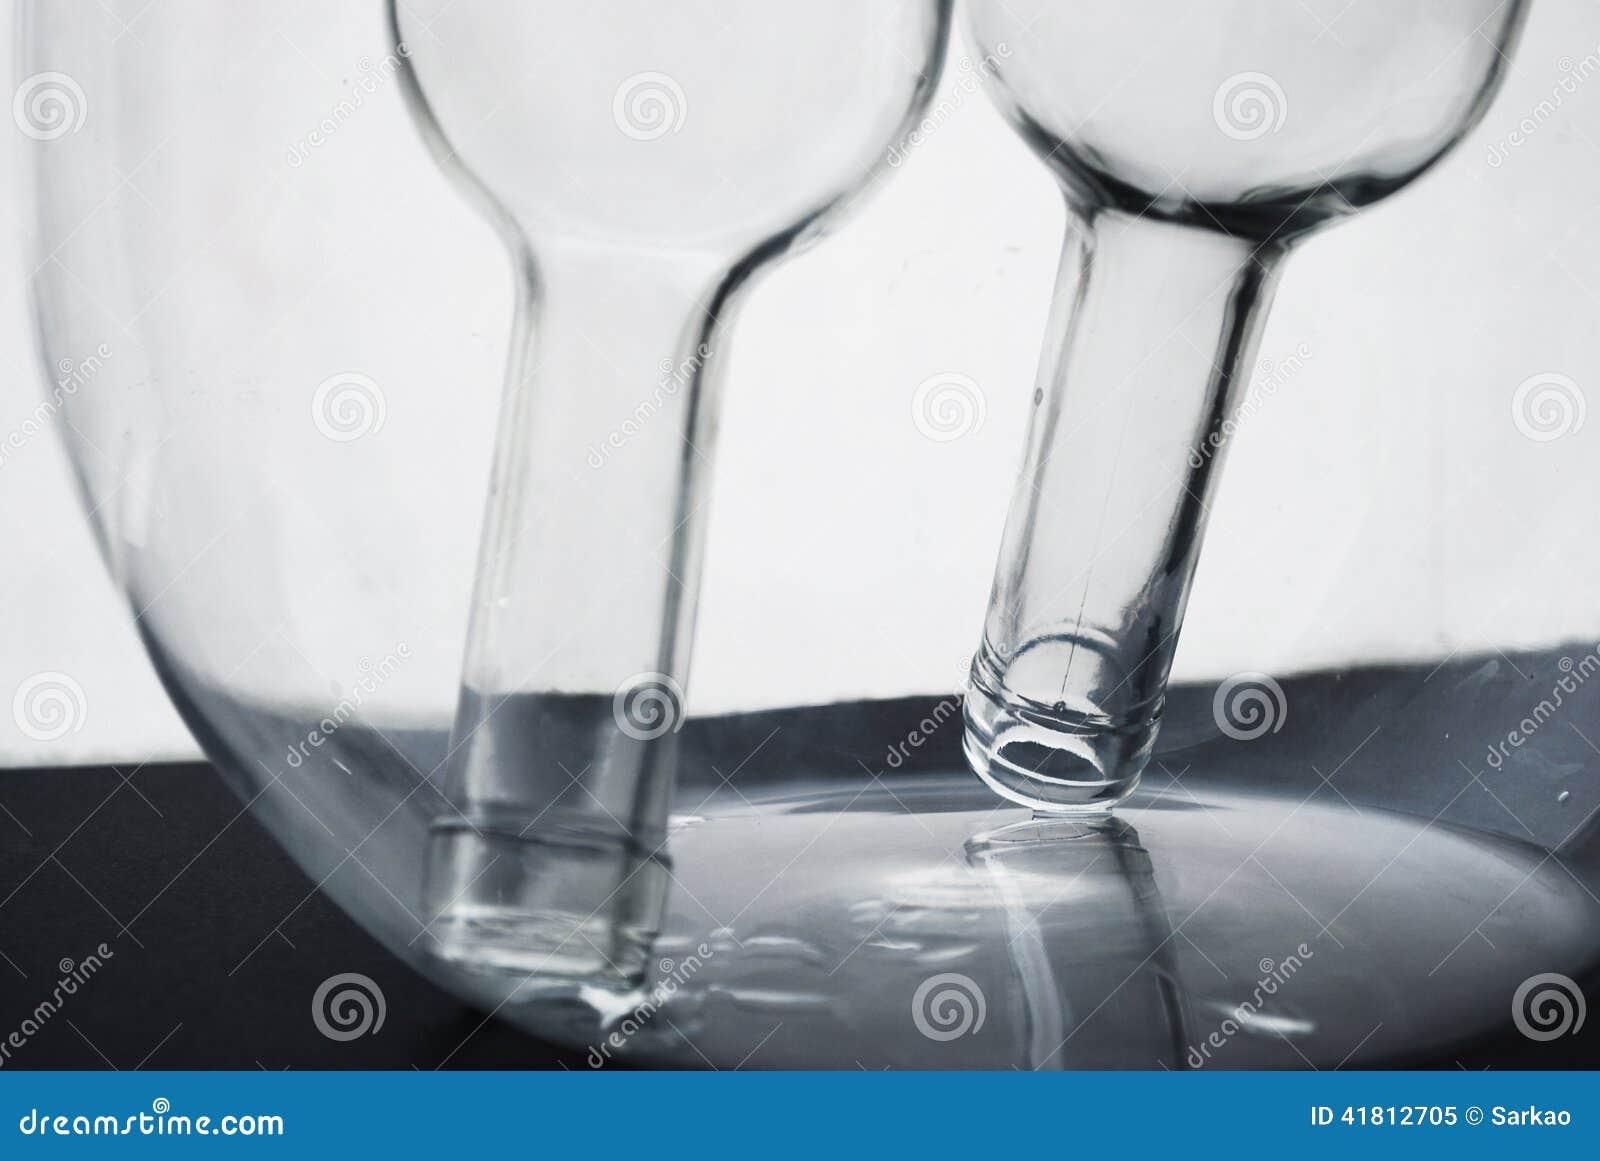 Flacher DOF, Fokus auf zentralen Flaschen